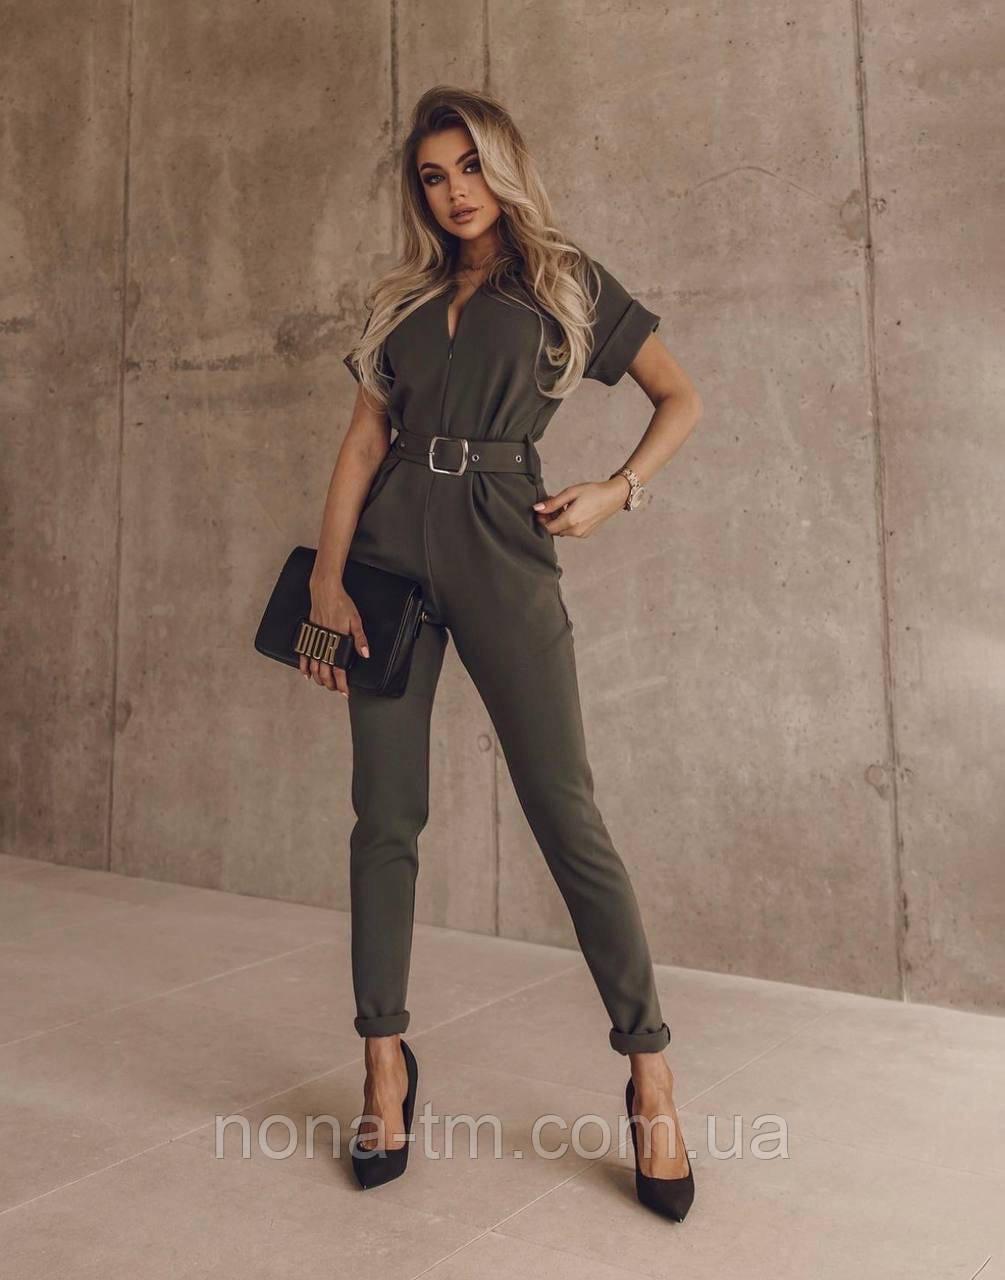 Модный комбинезон женский с брюками